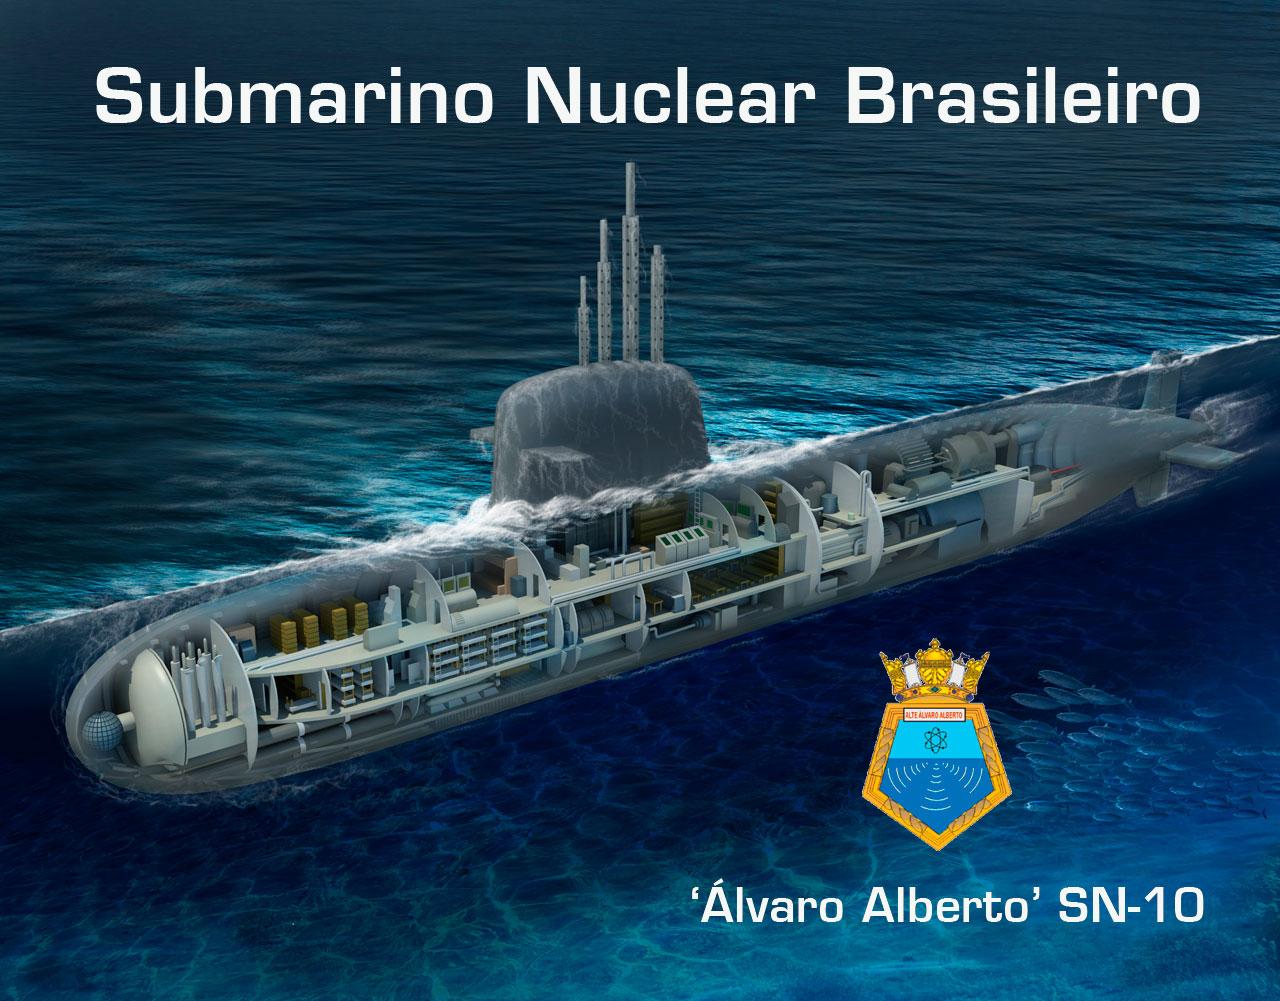 SNB Álvaro Alberto SN-10 - Imagem editada a partir de original de Rubem Paiva